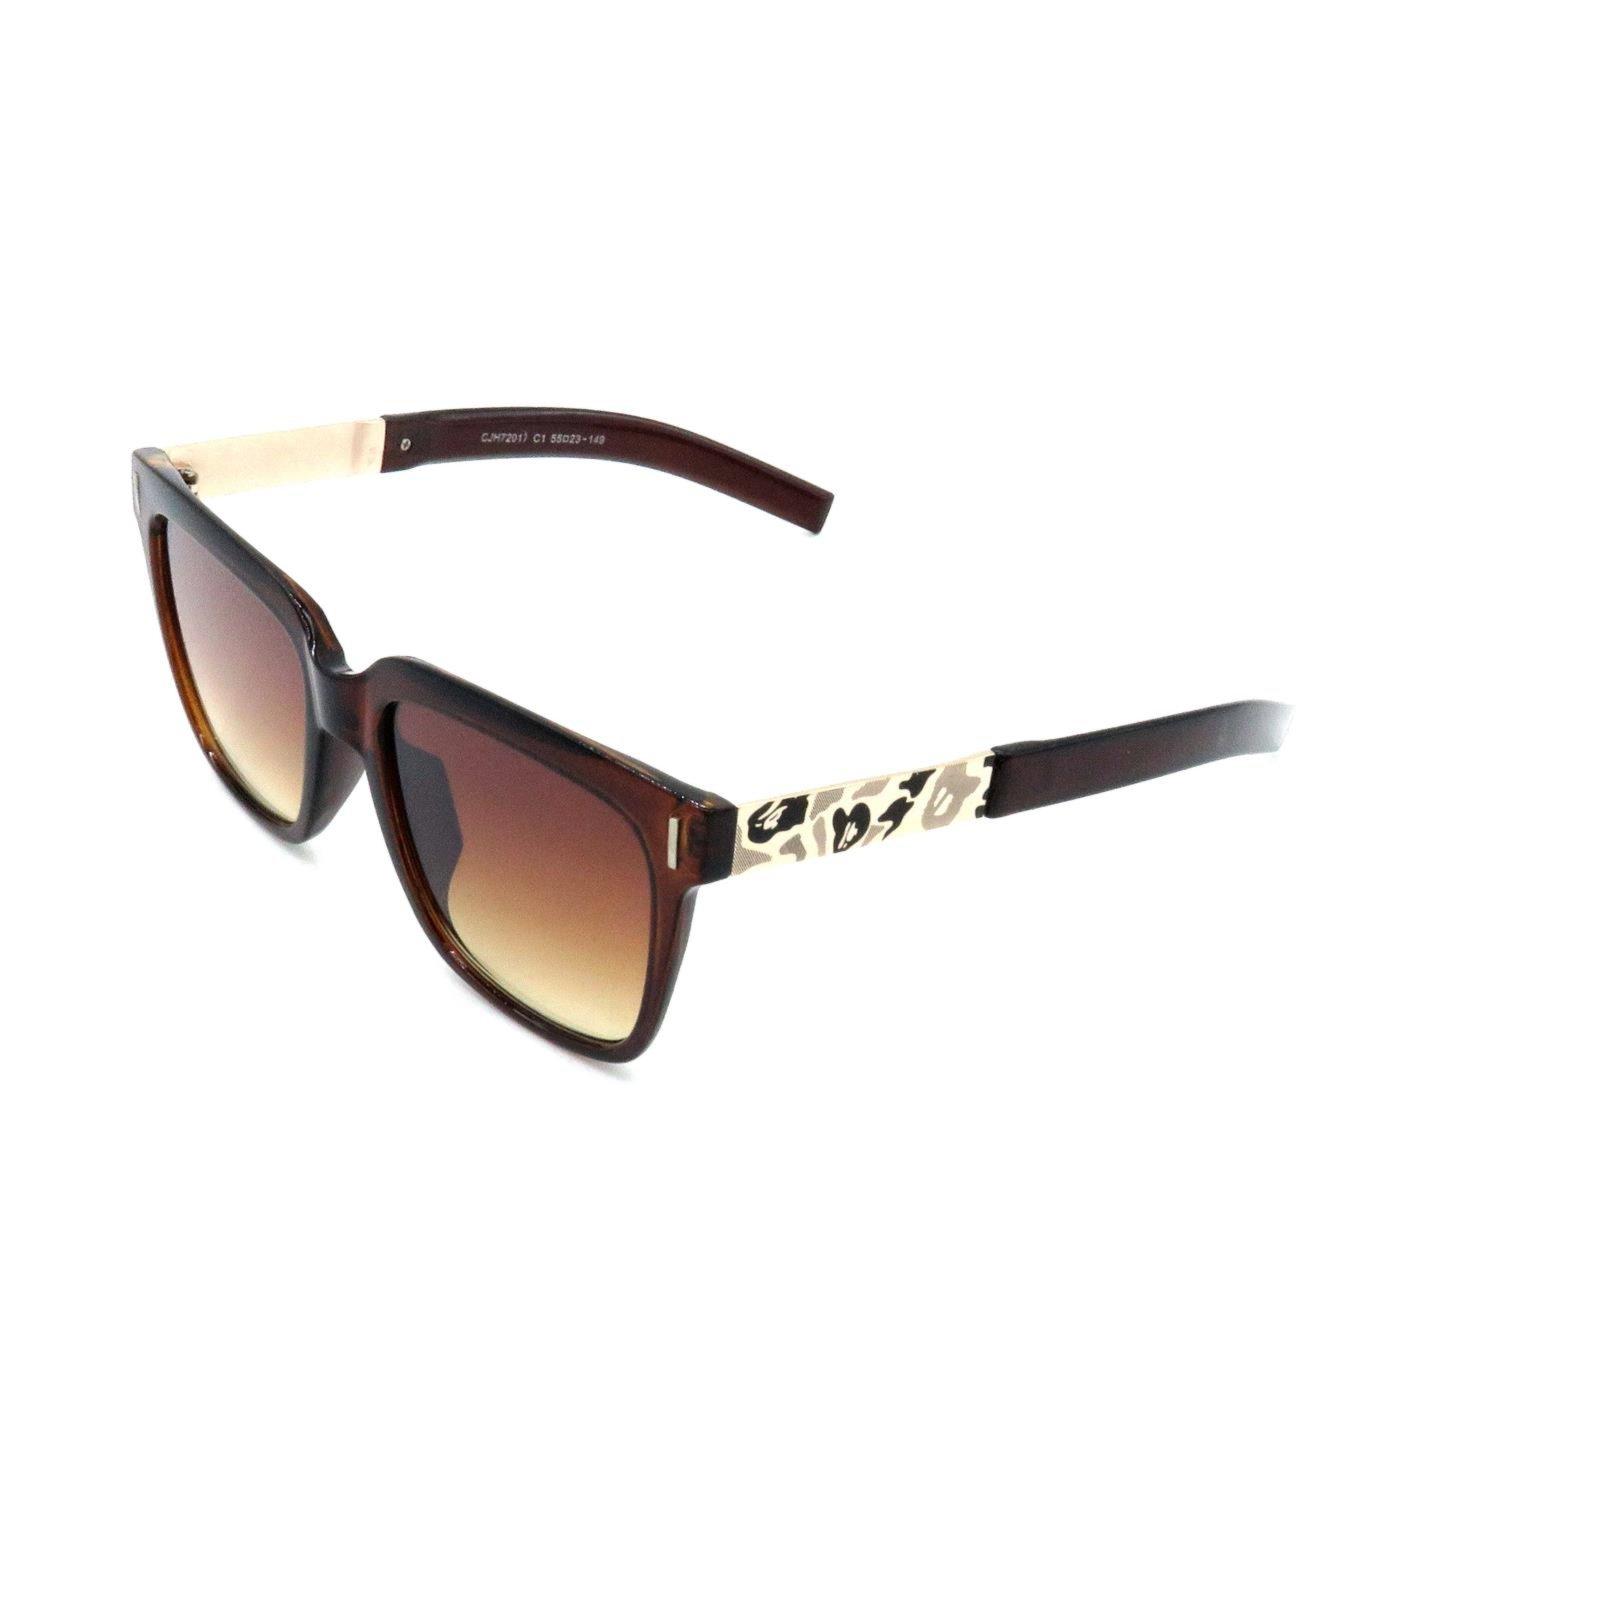 Óculos Solar Prorider Marrom com Dourado - CJH72017C1 - Compre Agora